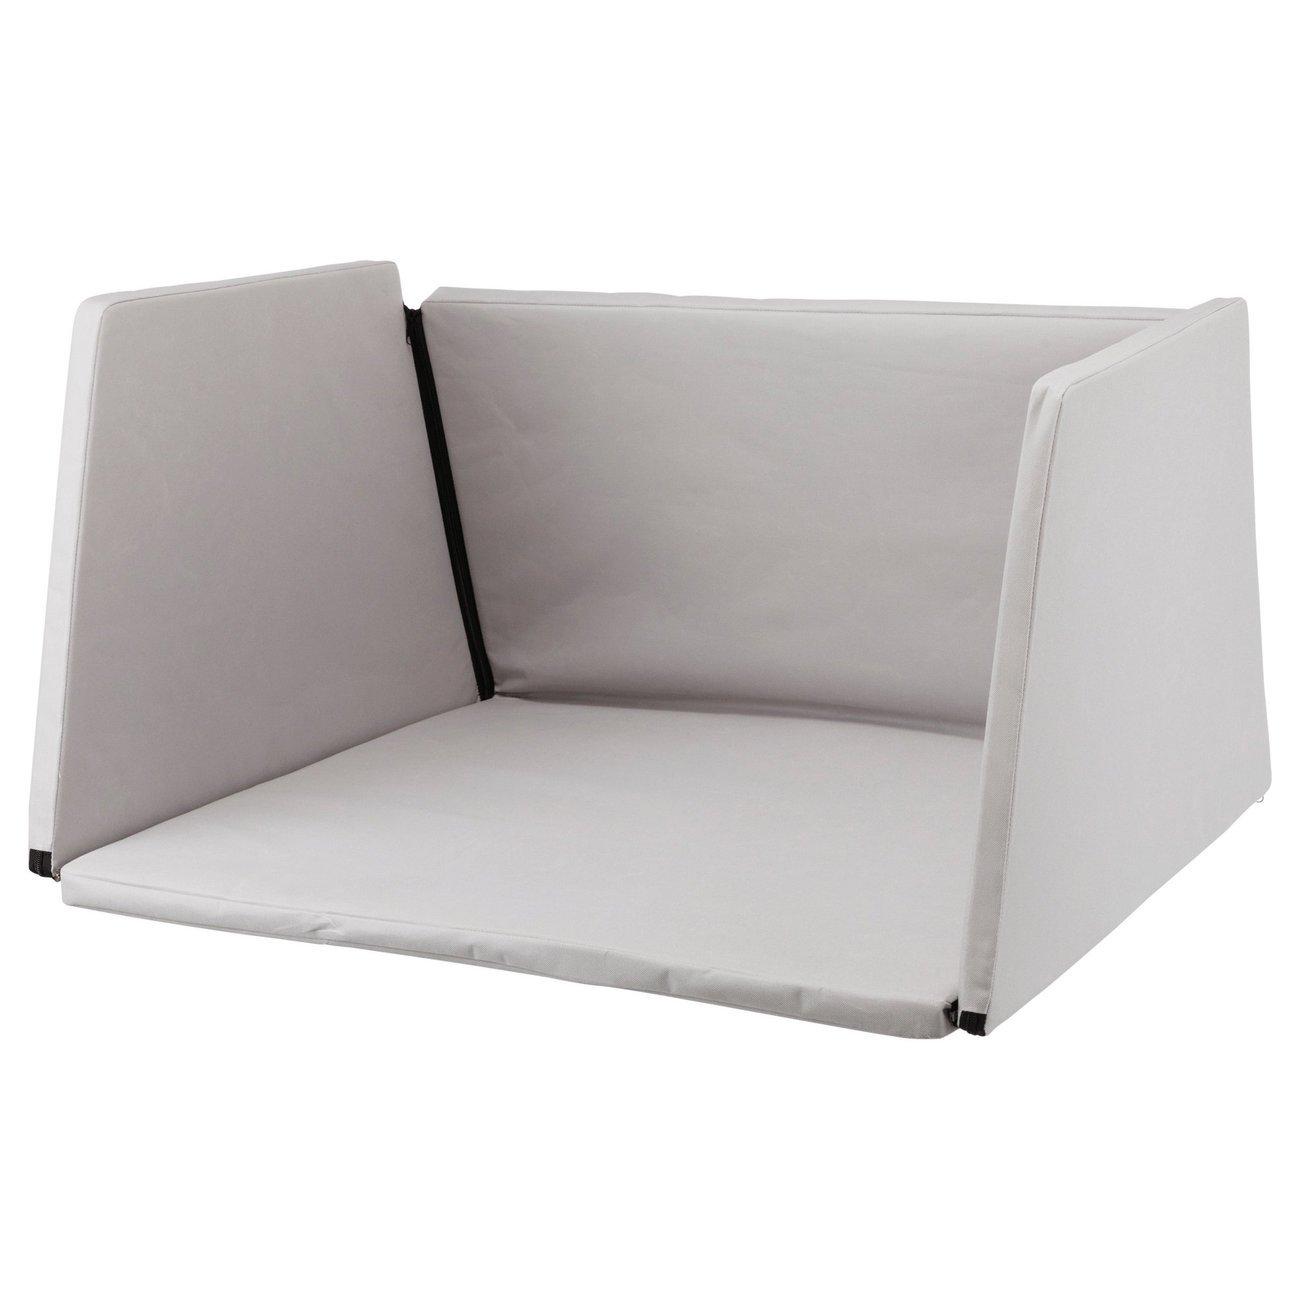 Trixie Innenverkleidung für TRIXIE Aluminium-Transportbox 39310, Bild 42